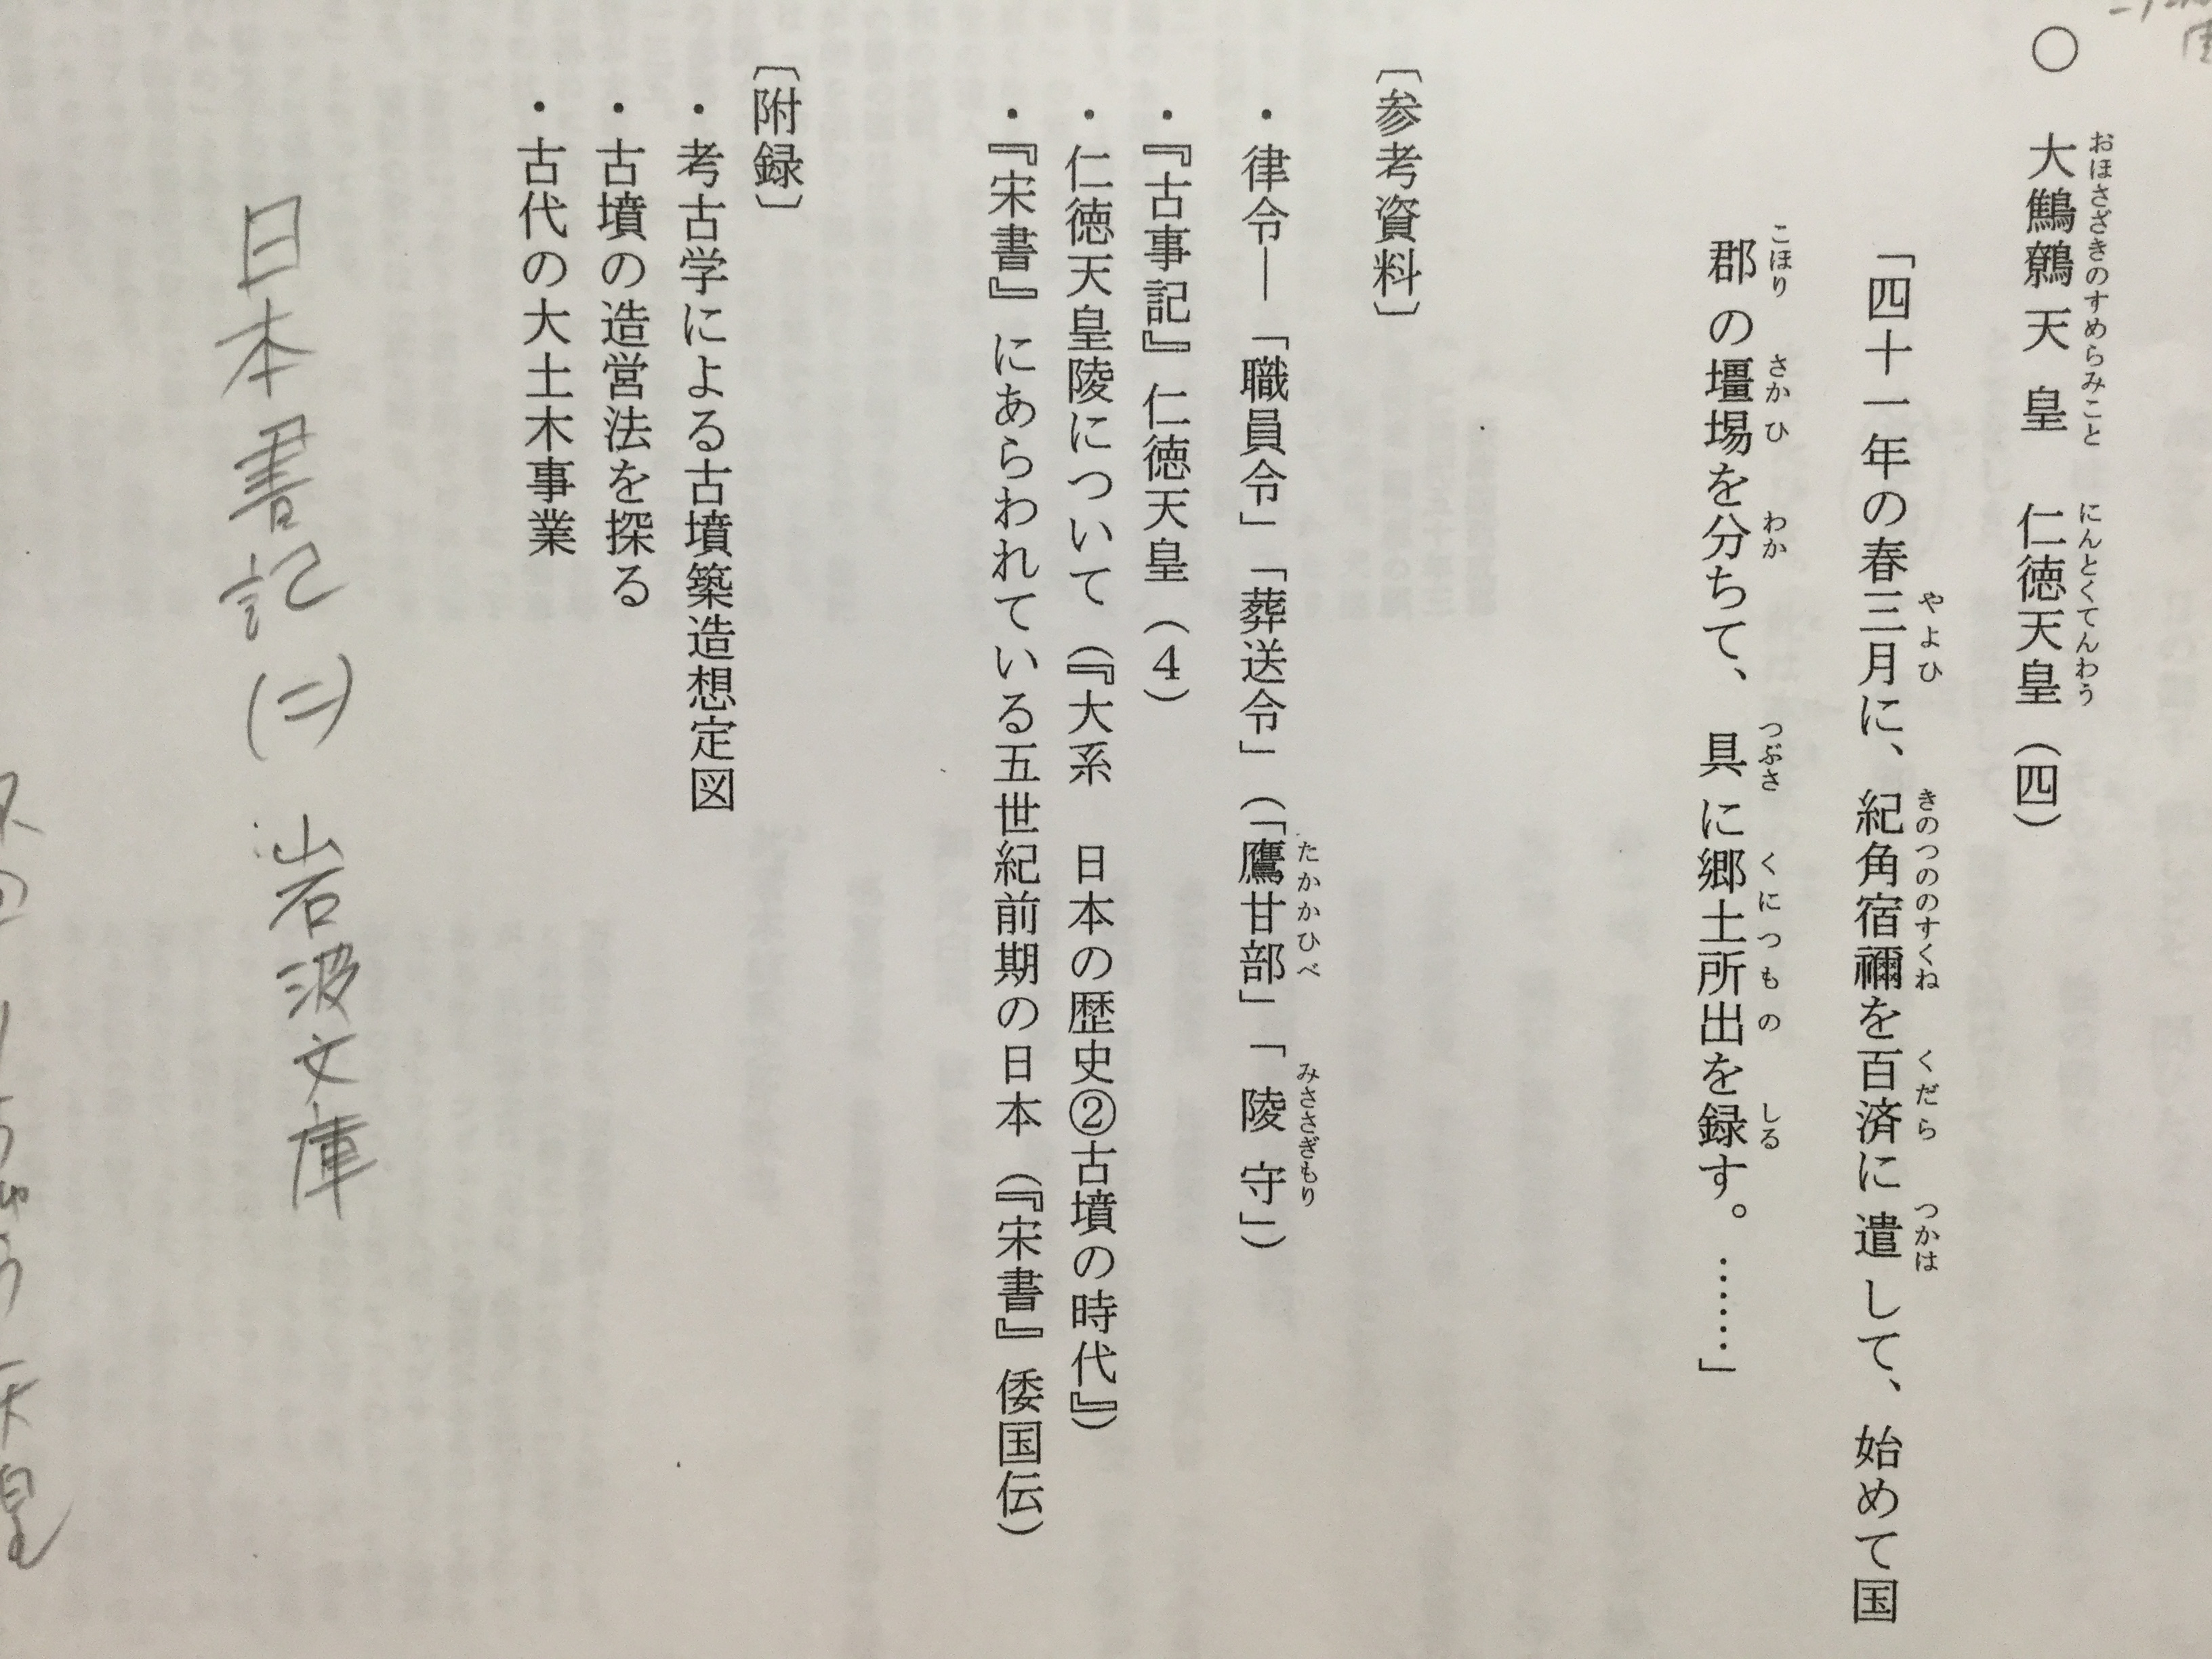 日本書紀の講習会へ。 | Heartail---ココロのシッポ